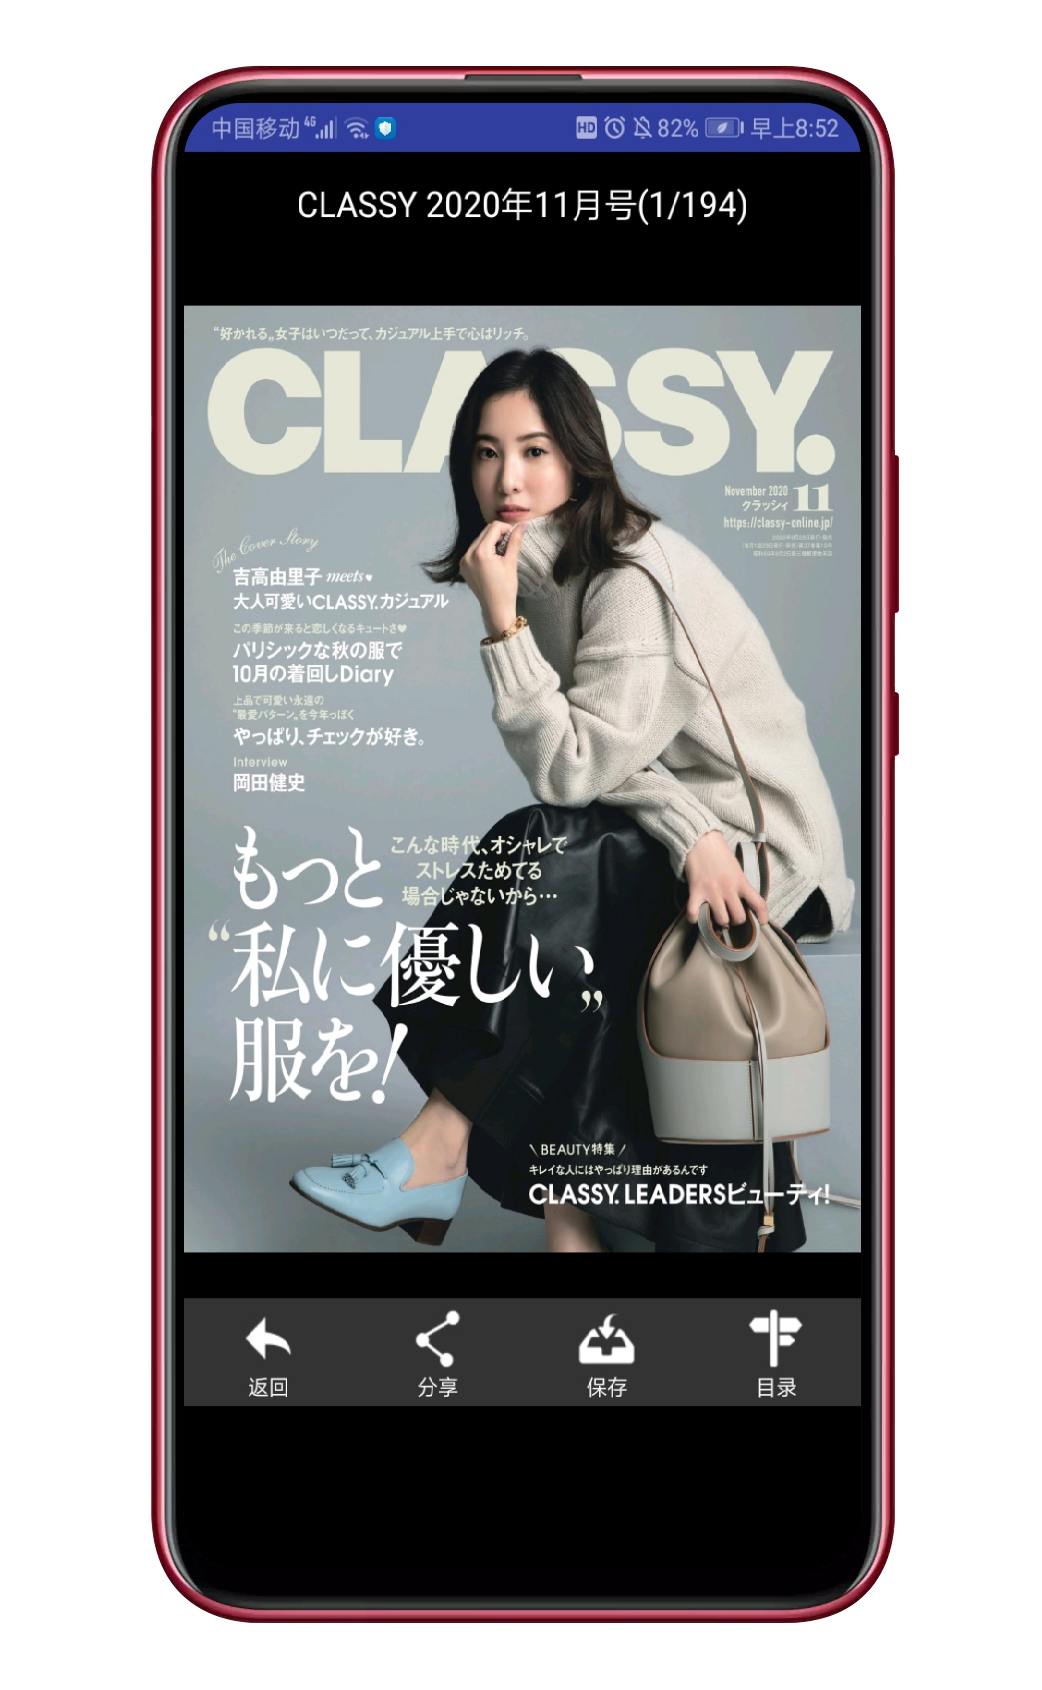 6106209a5132923bf8eef1af 专门收集了日本的各种期刊杂志的软件--杂志迷